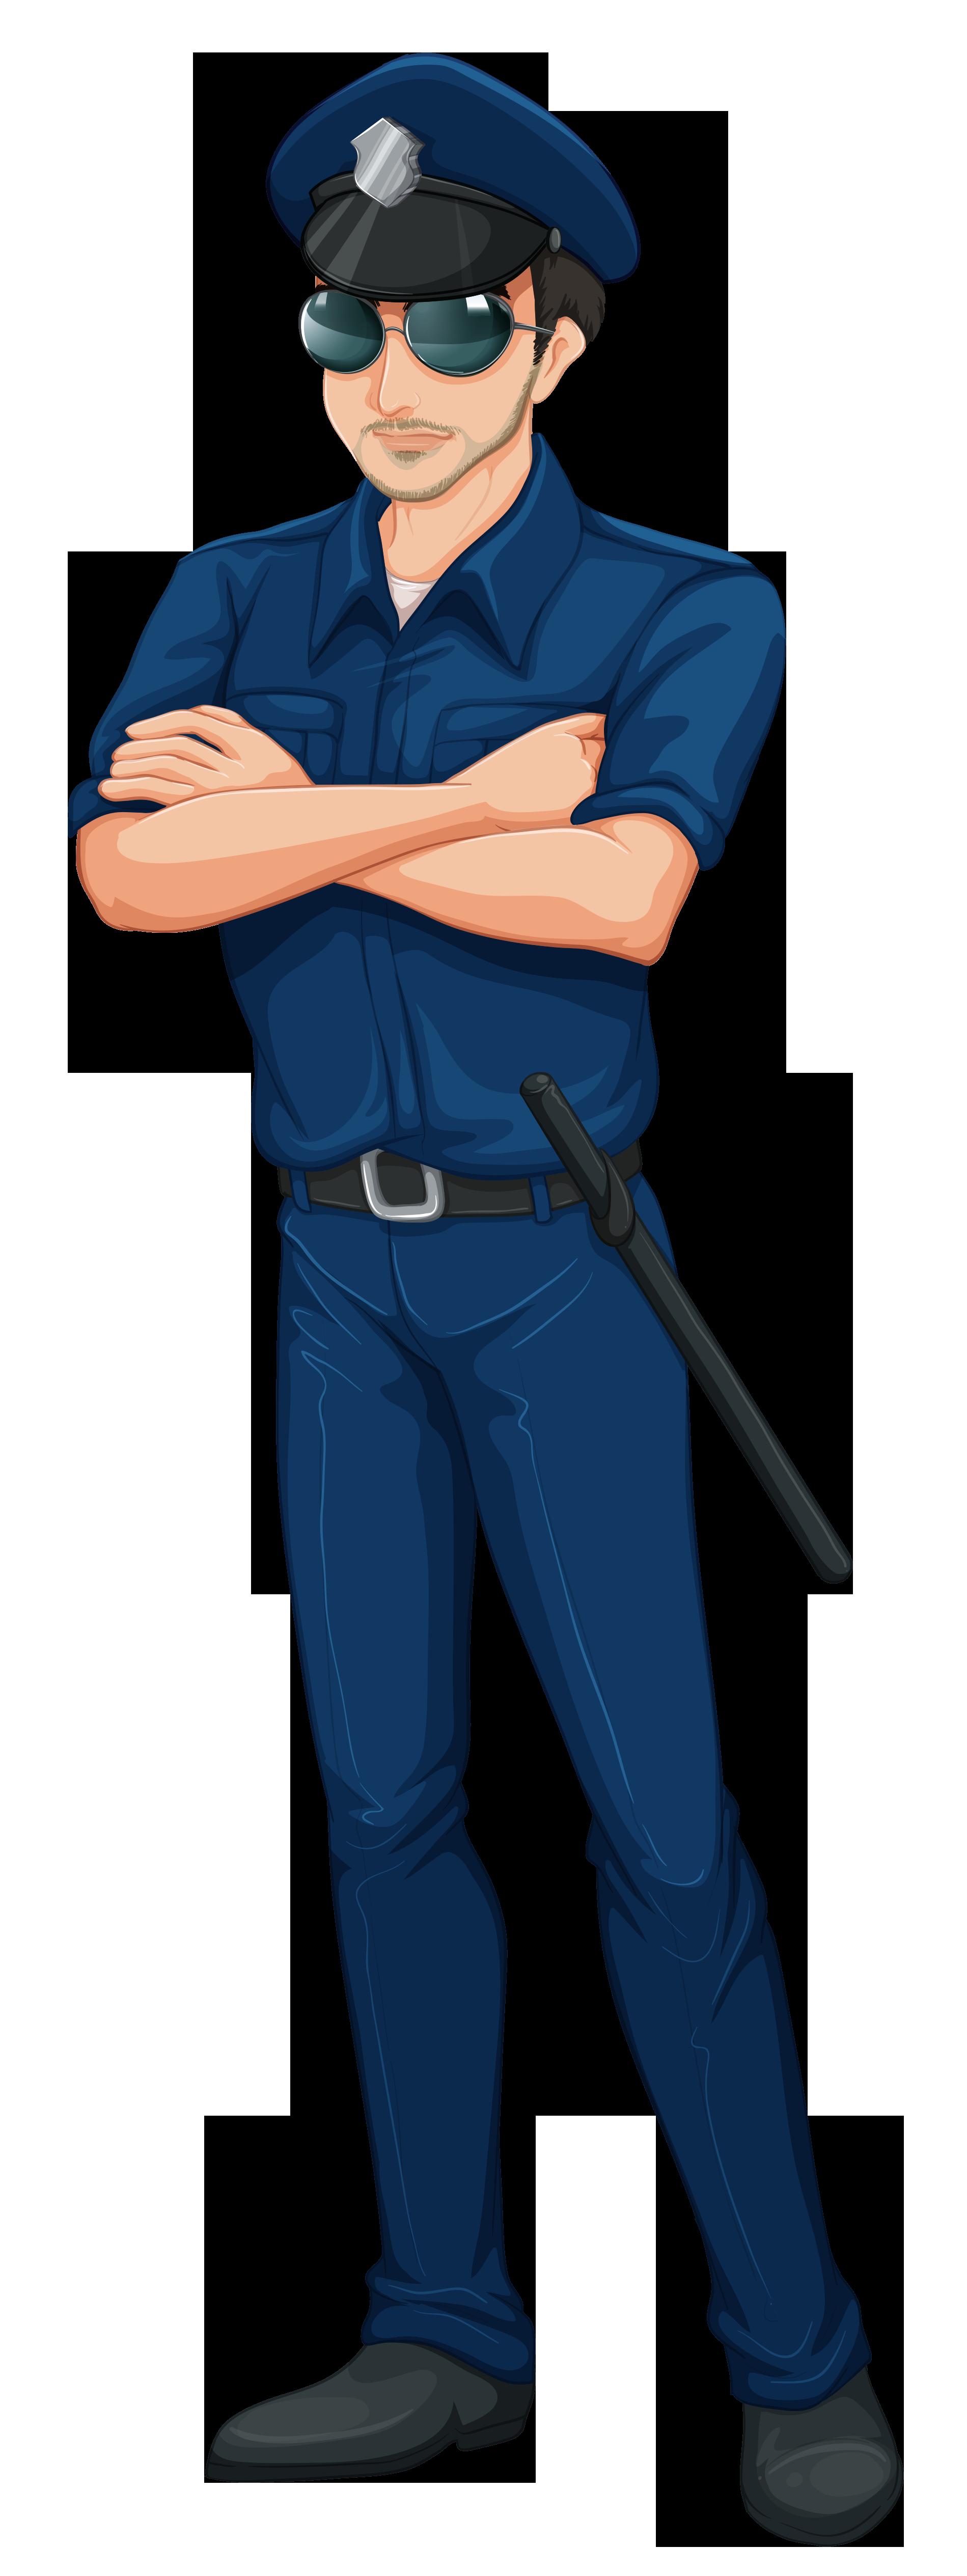 Policeman police mumbai